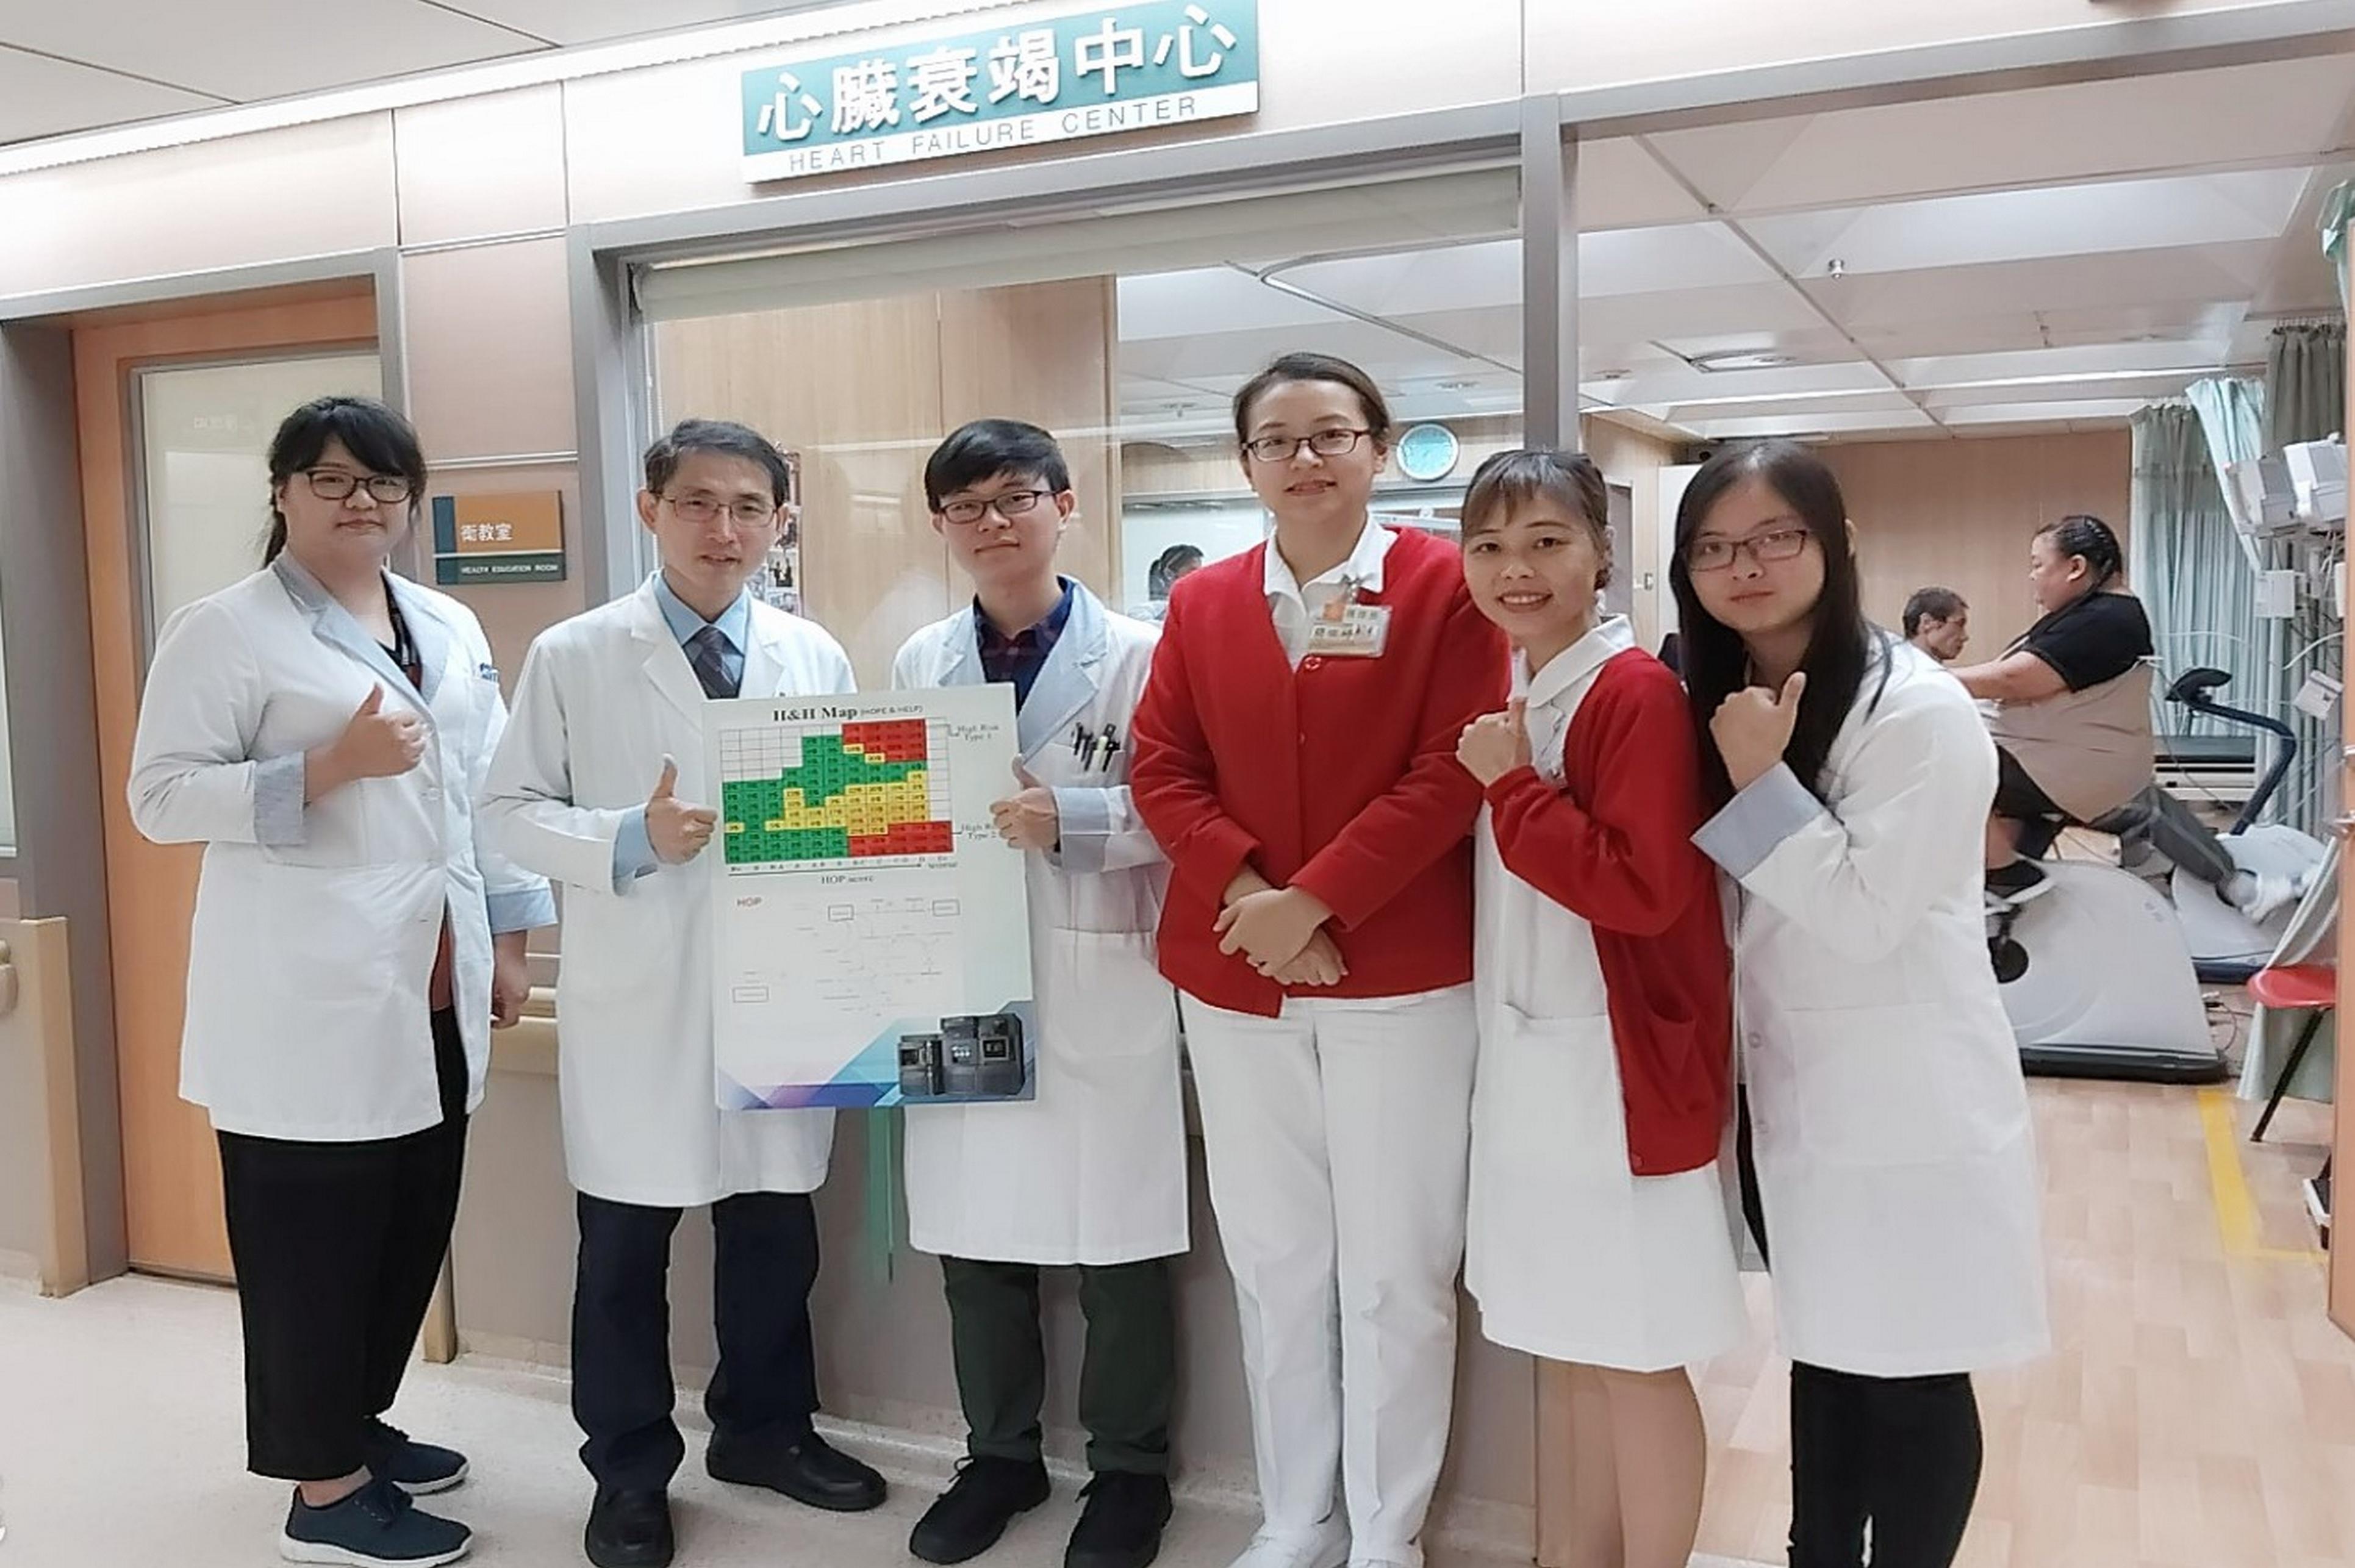 H&H MAP的誕生地: 基隆長庚心臟衰竭中心,與長庚大學代謝體核心實驗室,醫療端研究團隊